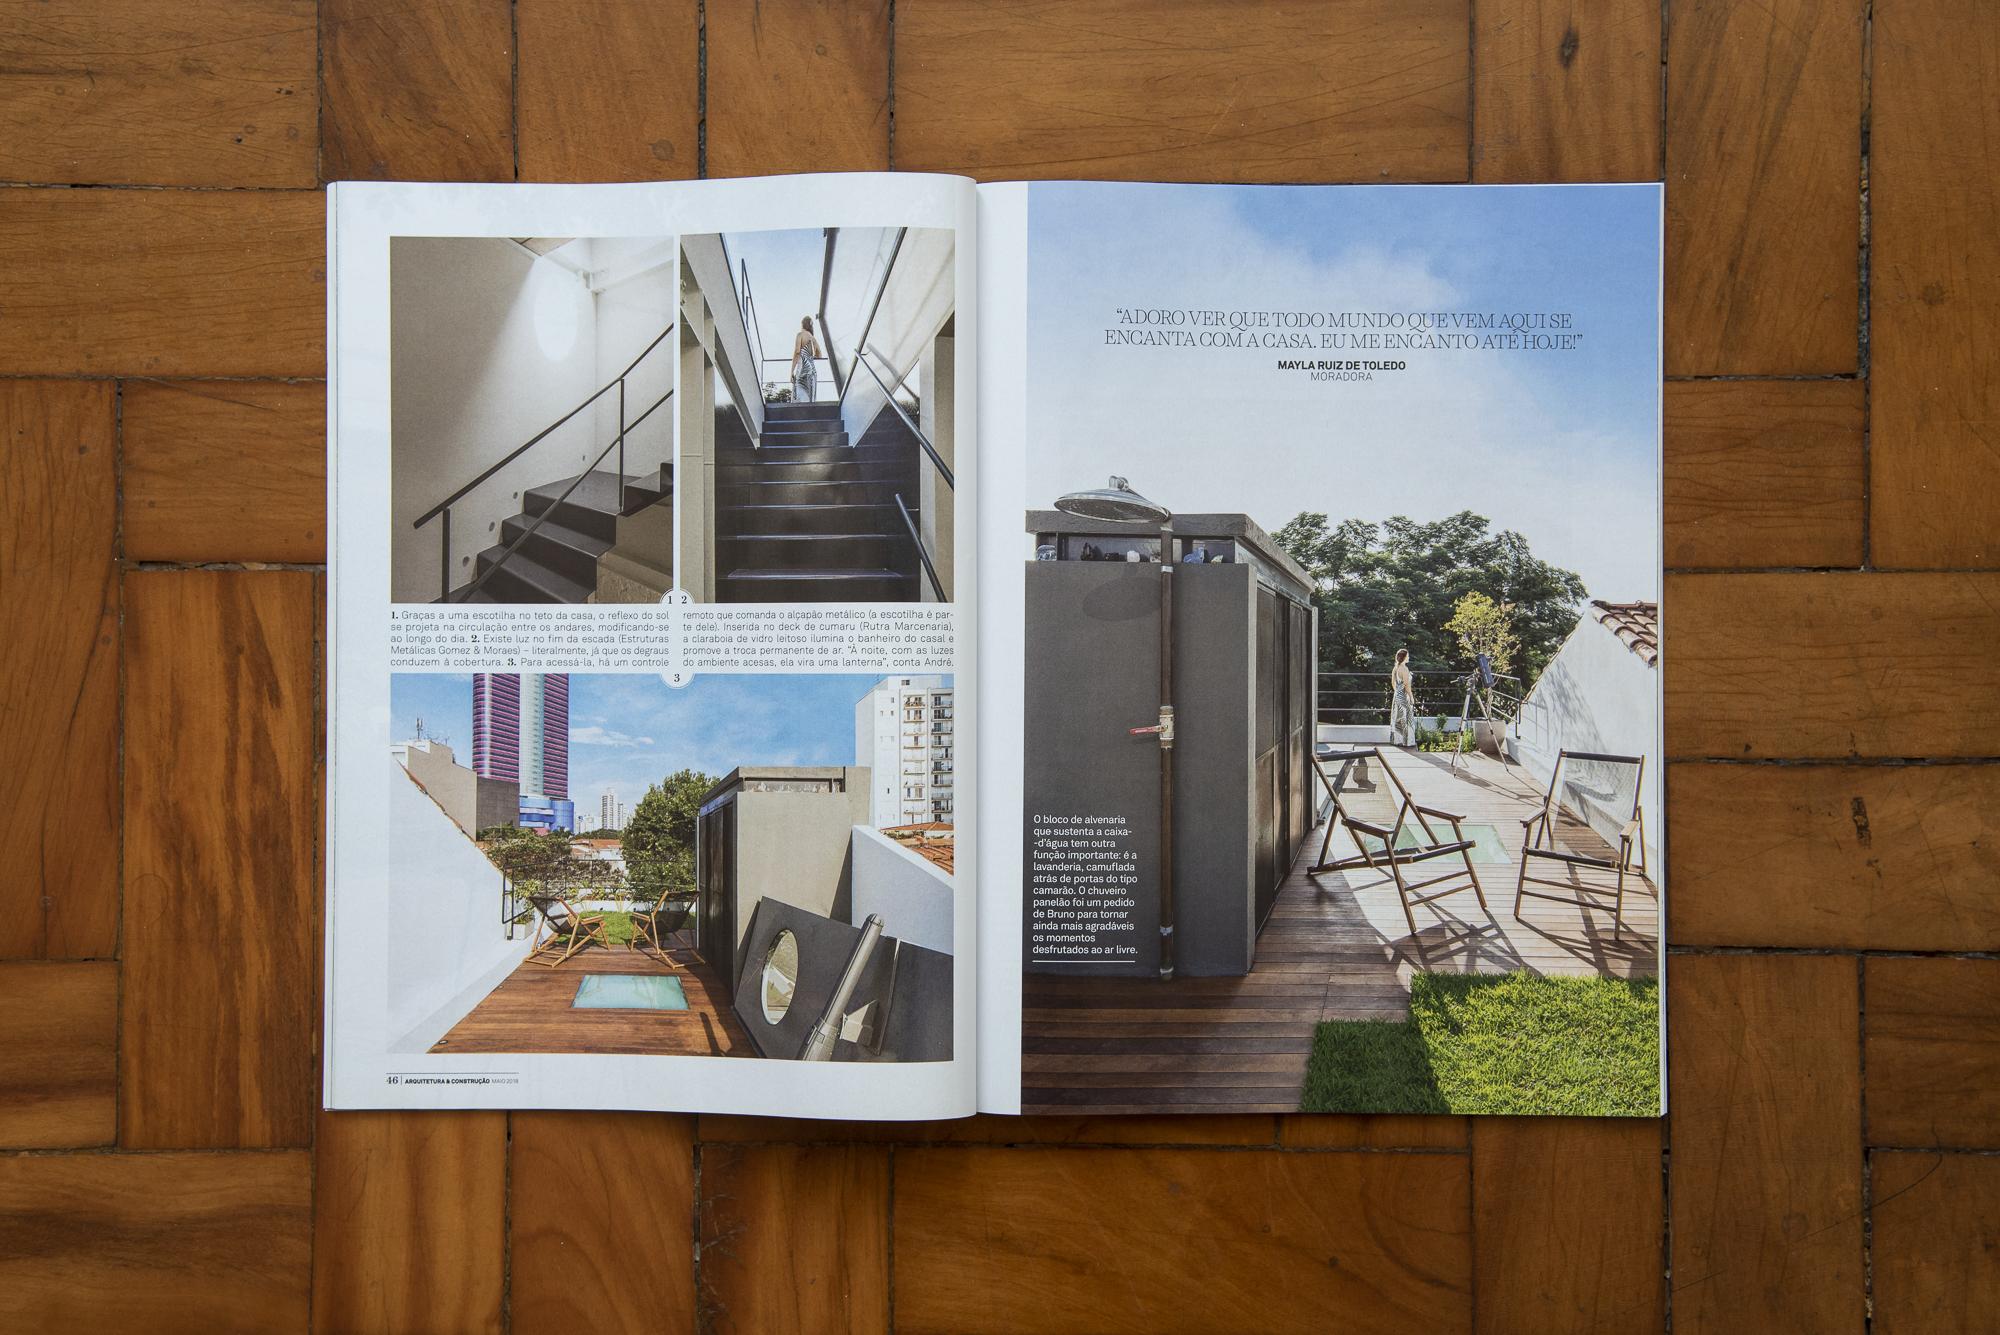 Arquitetura e Constrção - maio 2018-5.jpg